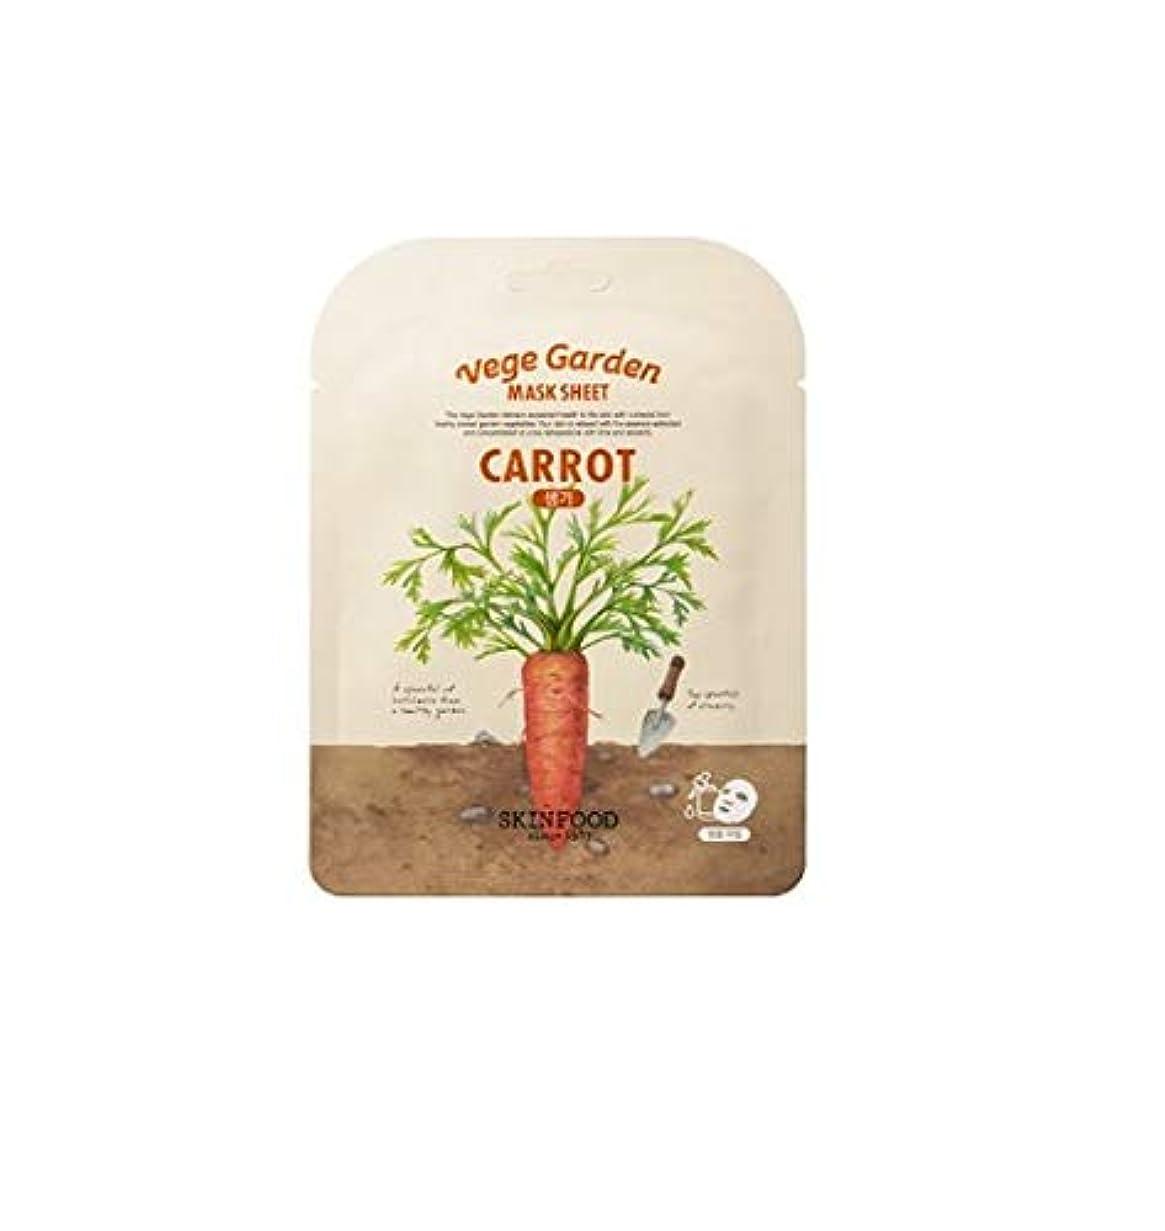 論争電卓手段Skinfood ベジガーデンマスクシート#キャロット* 10ea / Vege Garden Mask Sheet #carrot *10ea 20ml*10 [並行輸入品]